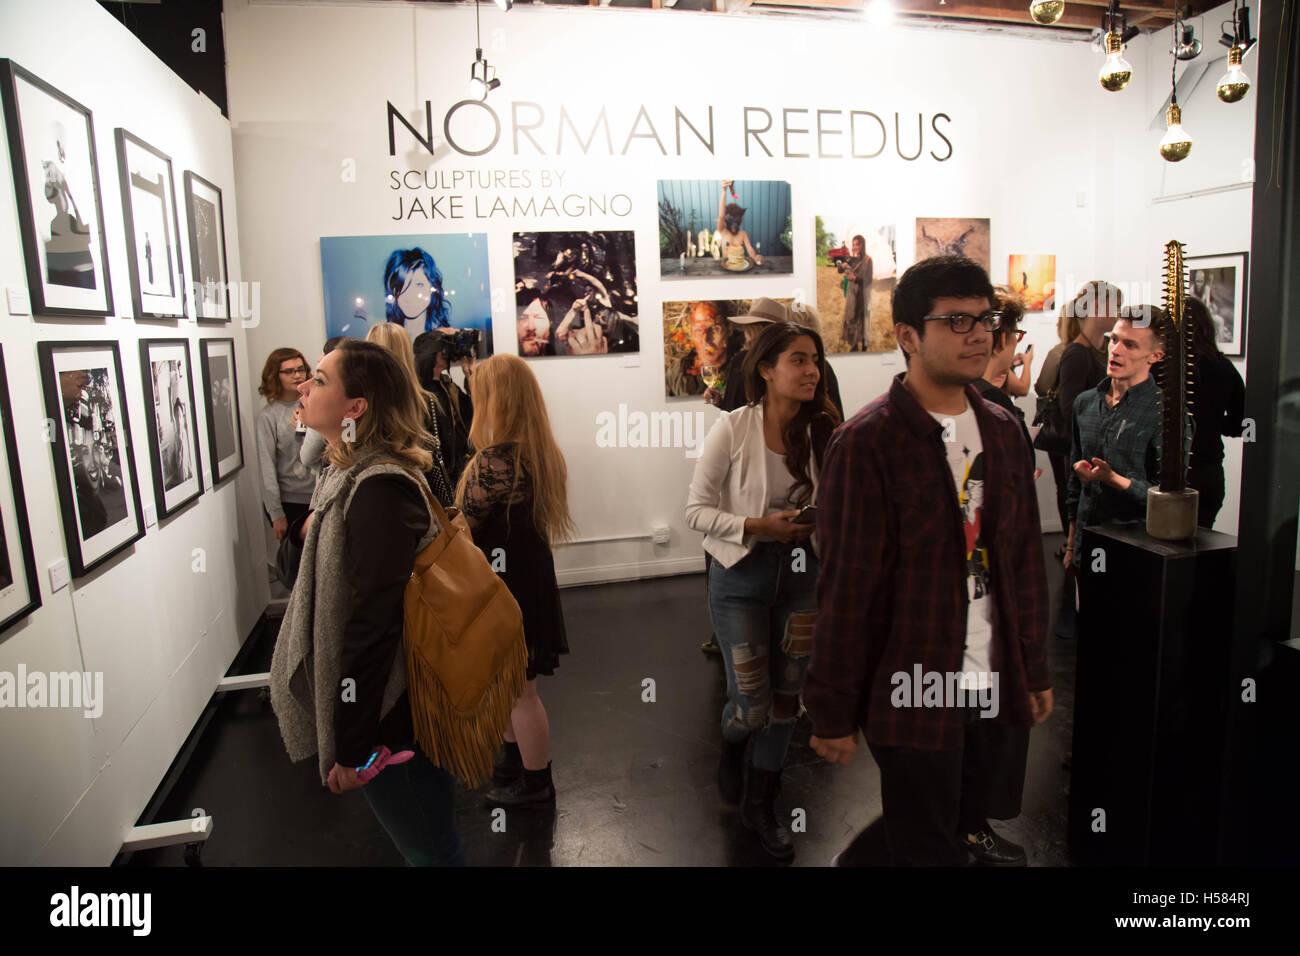 Gast-Atmosphäre bei Norman Reedus: A Fine Art Fotografie Ausstellung im Voila! Galerie im 12. November 2015 in Los Angeles, Kalifornien, USA Stockfoto